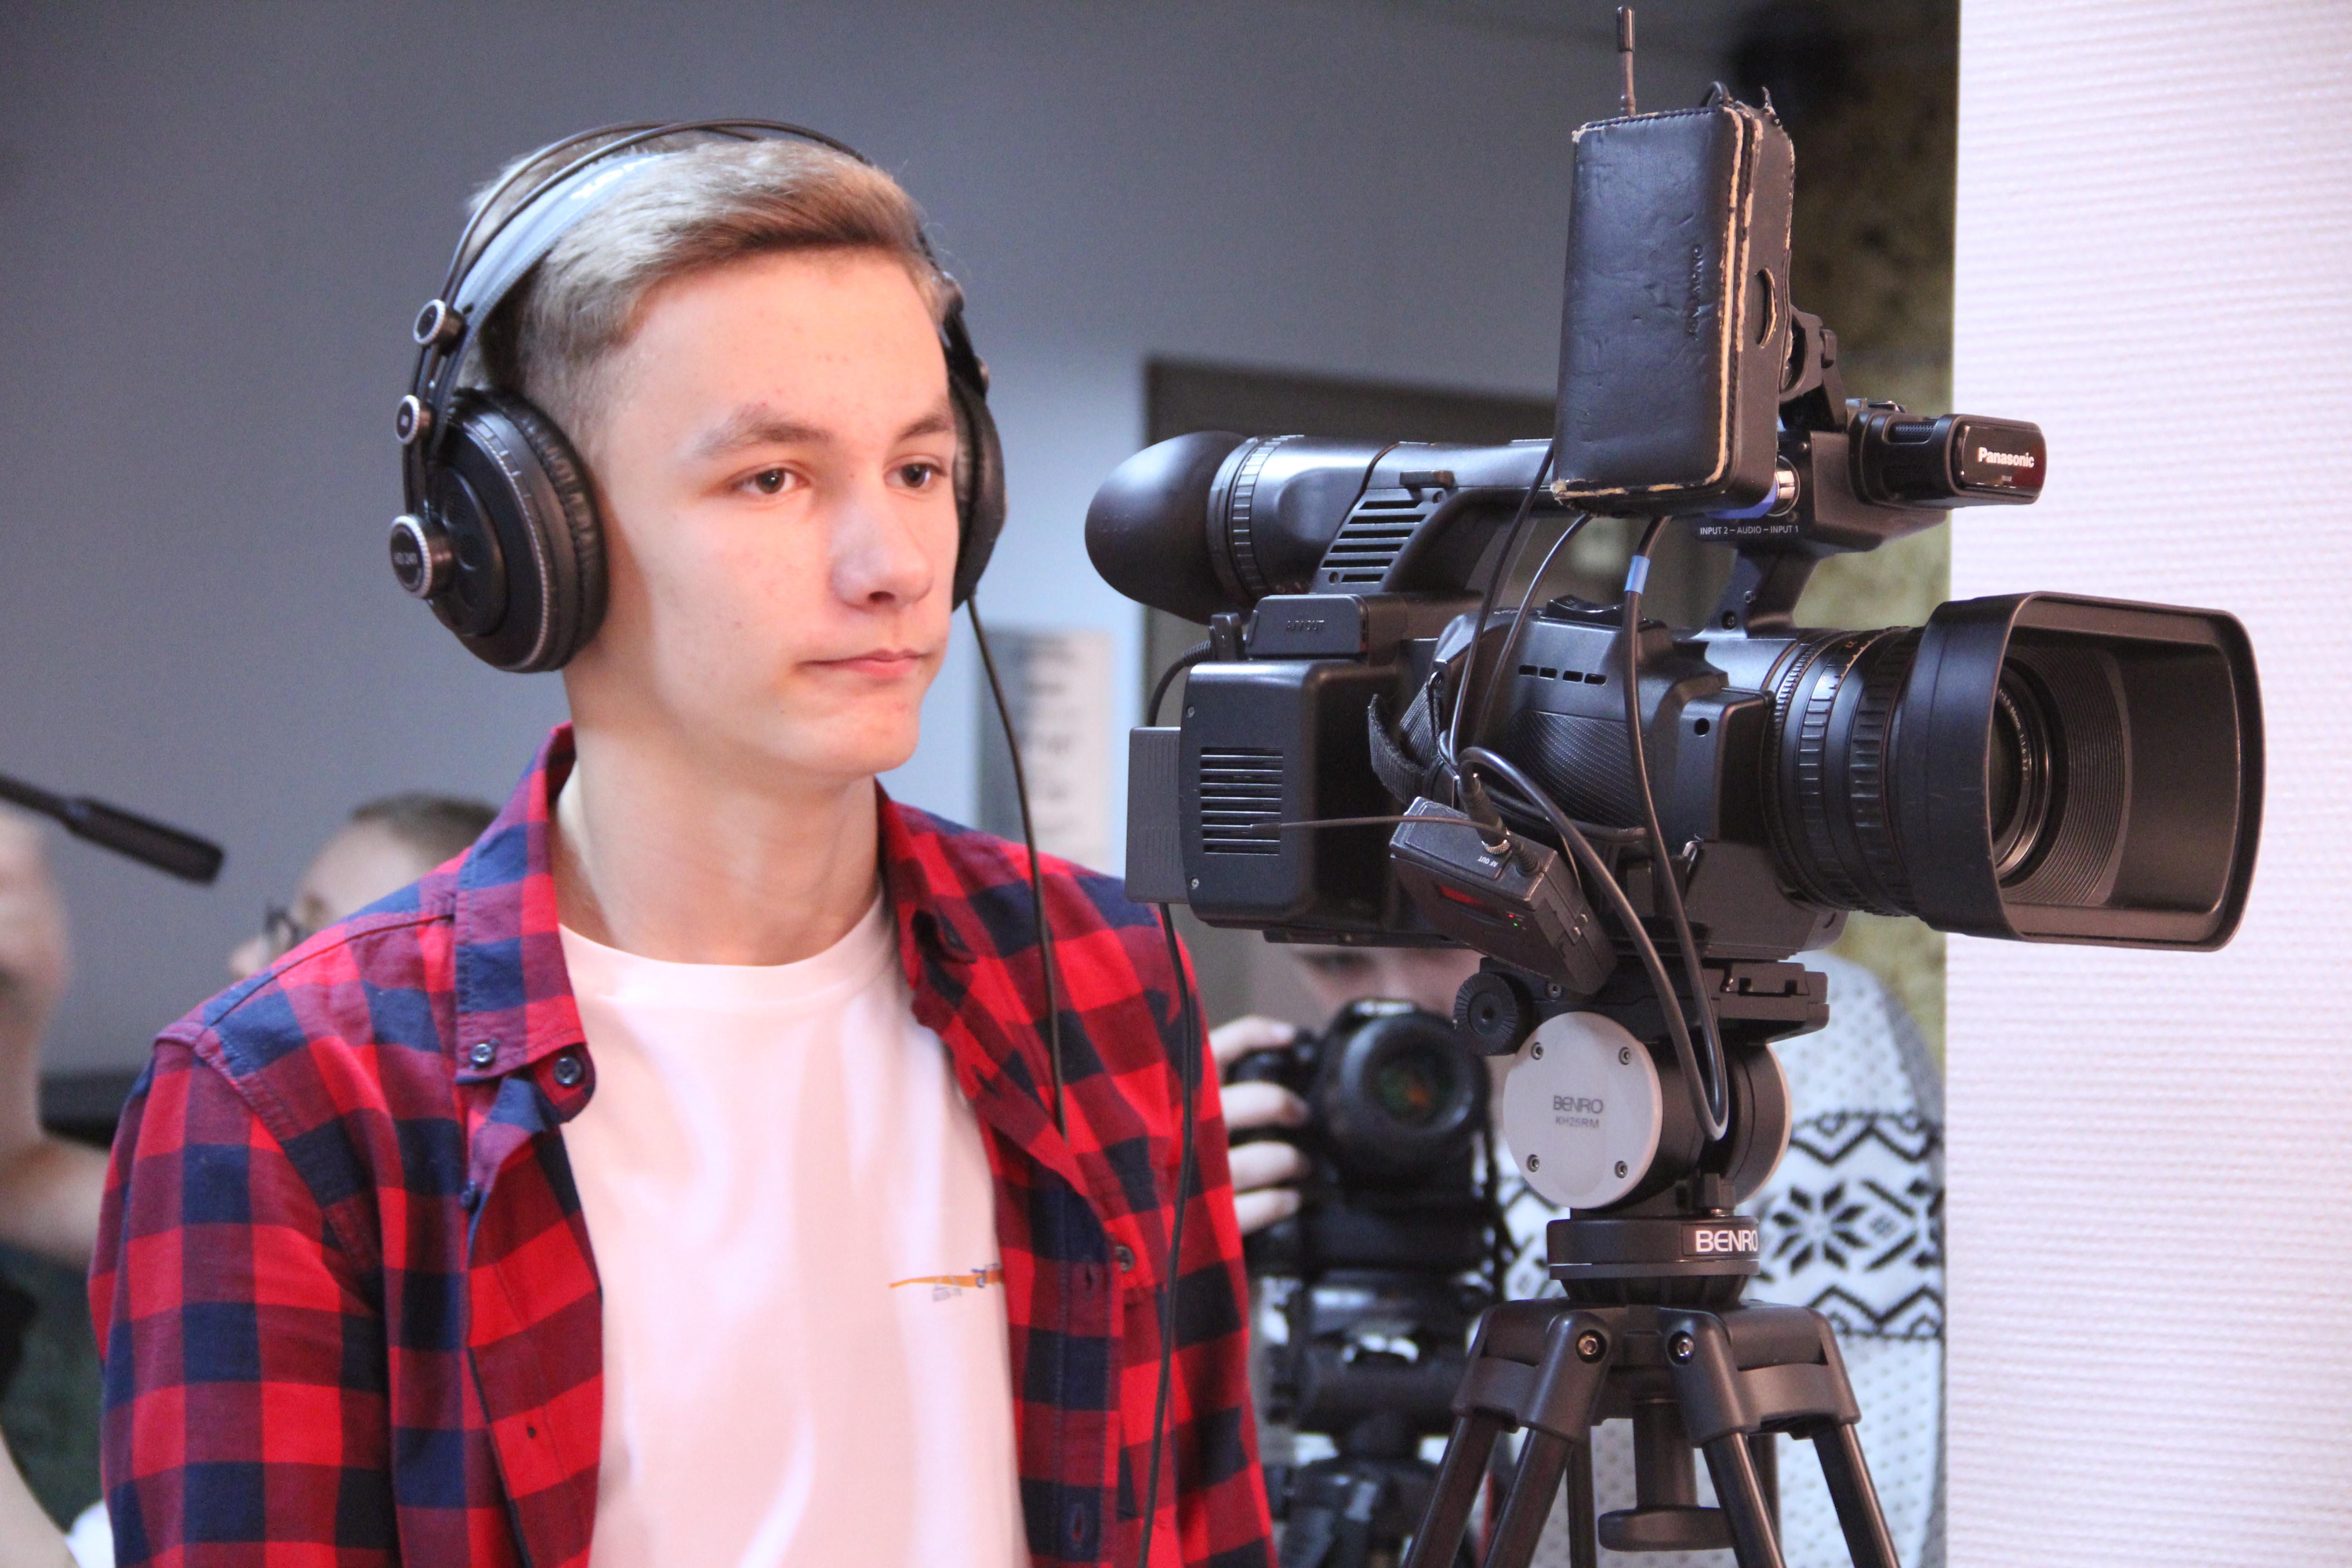 Обучение видеографии в Хабаровске